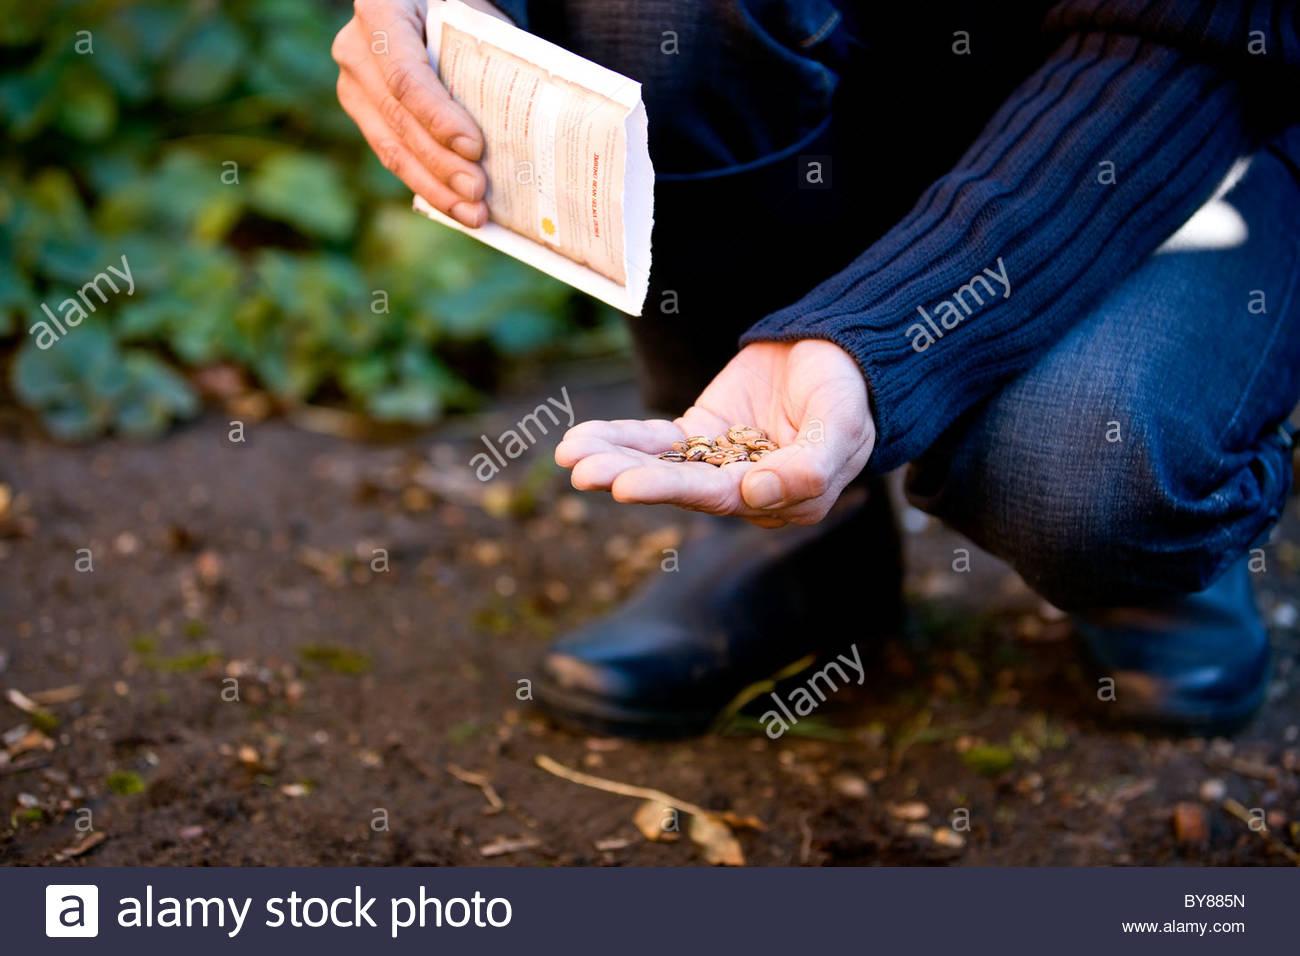 Un uomo la semina di semi Immagini Stock